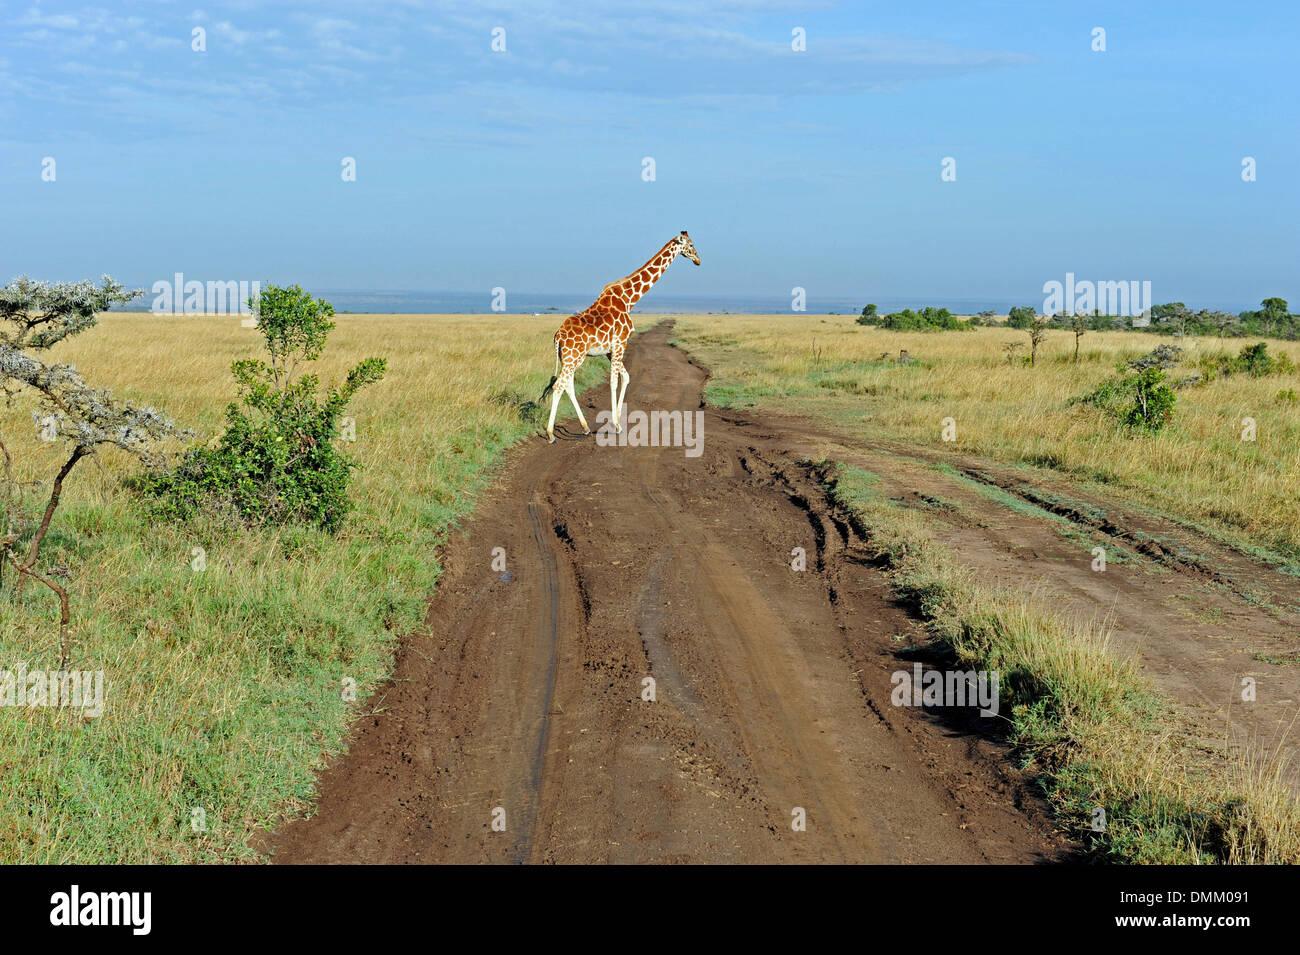 on safari in africa - Stock Image